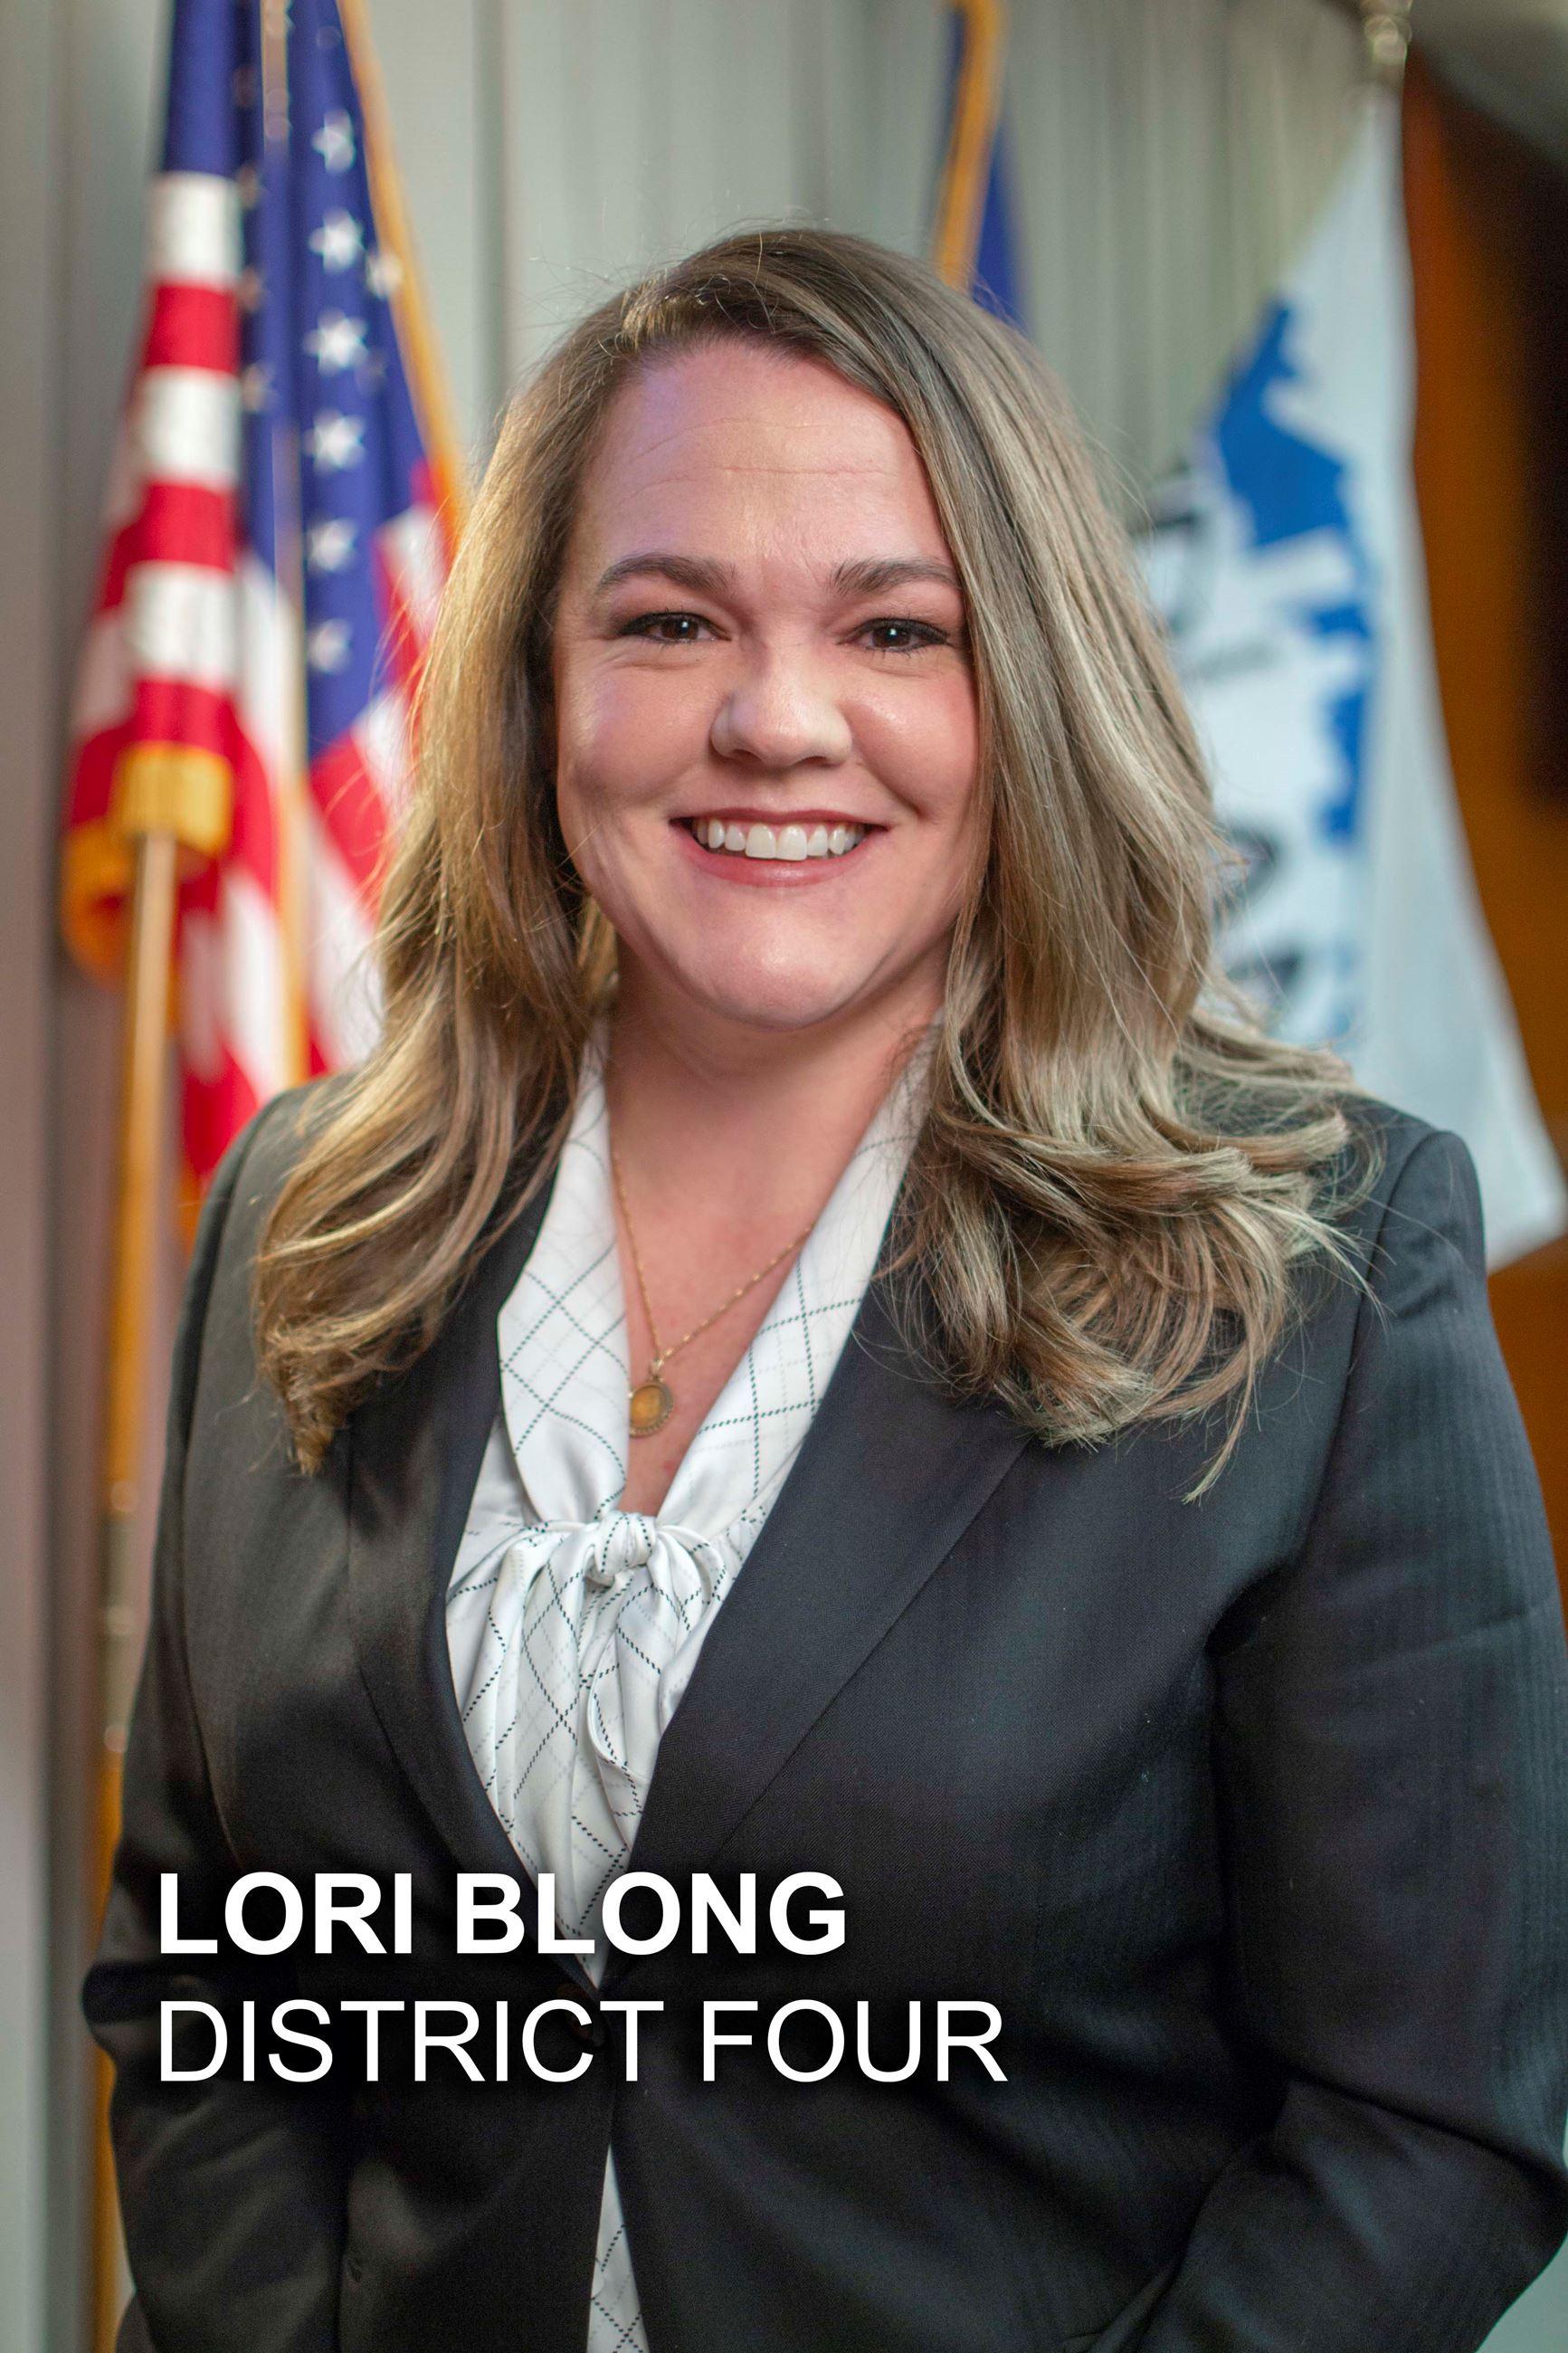 Lori Blong